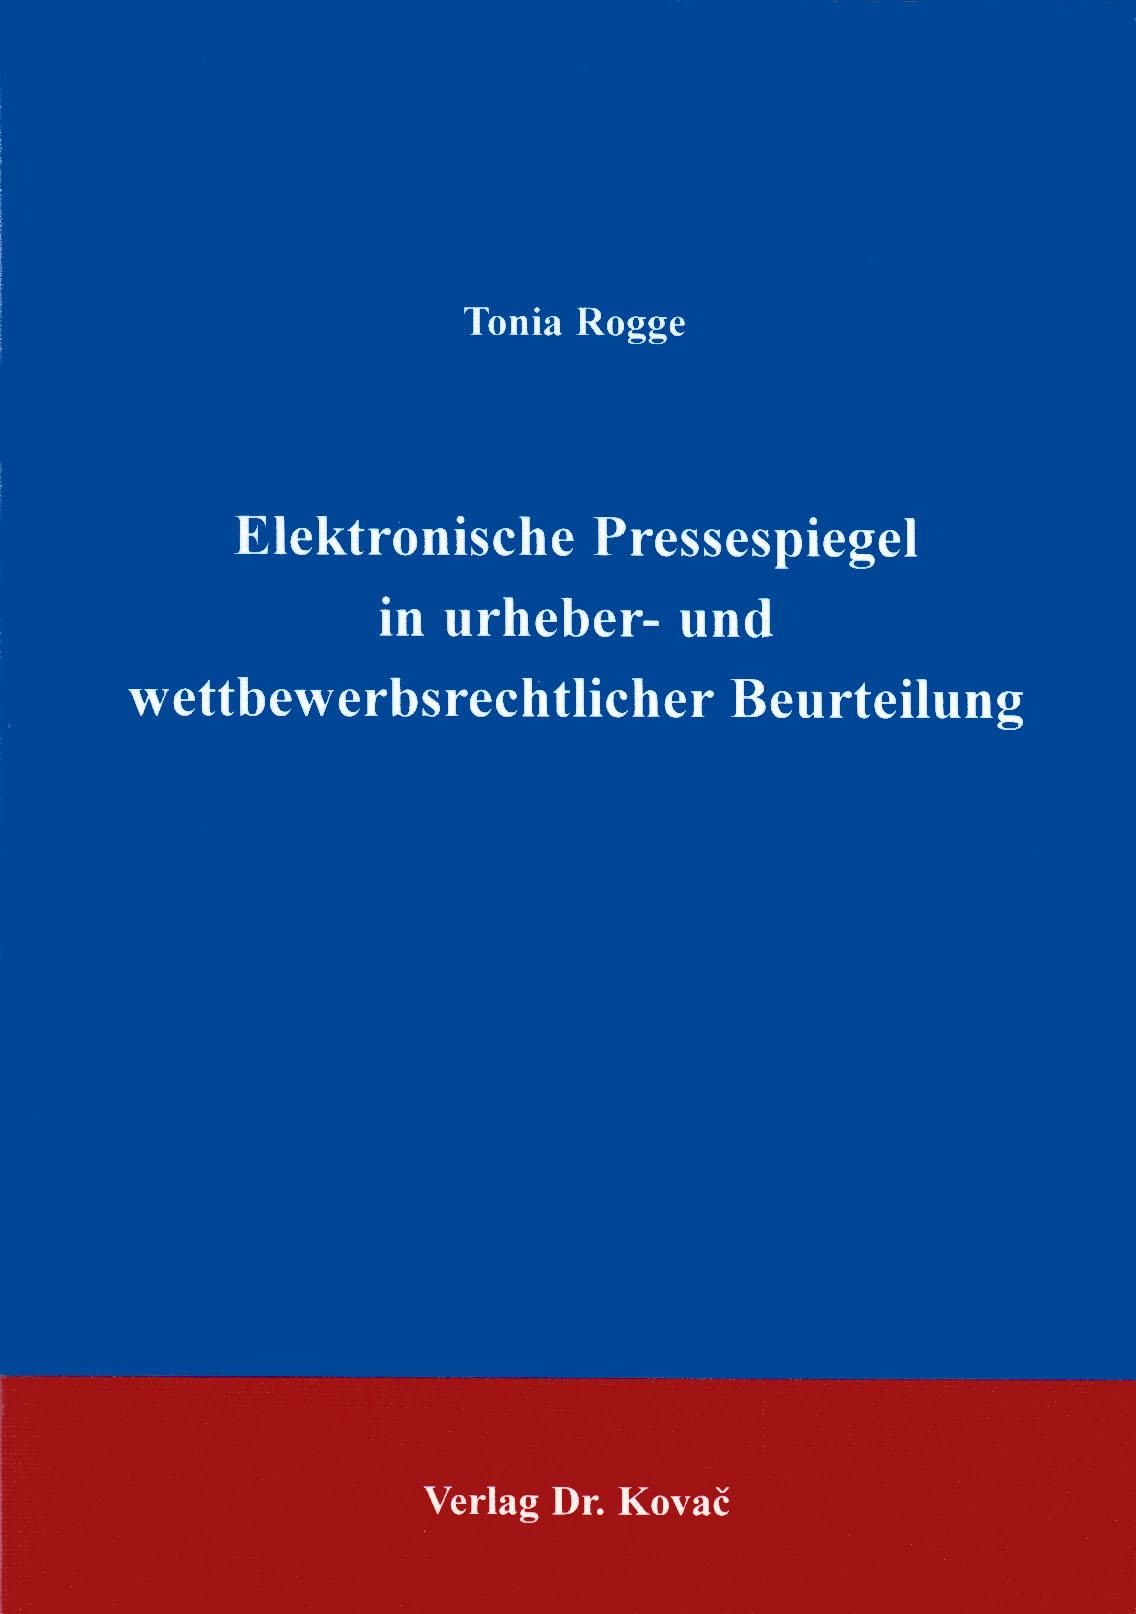 Cover: Elektronische Pressespiegel in urheber- und wettbewerbsrechtlicher Beurteilung